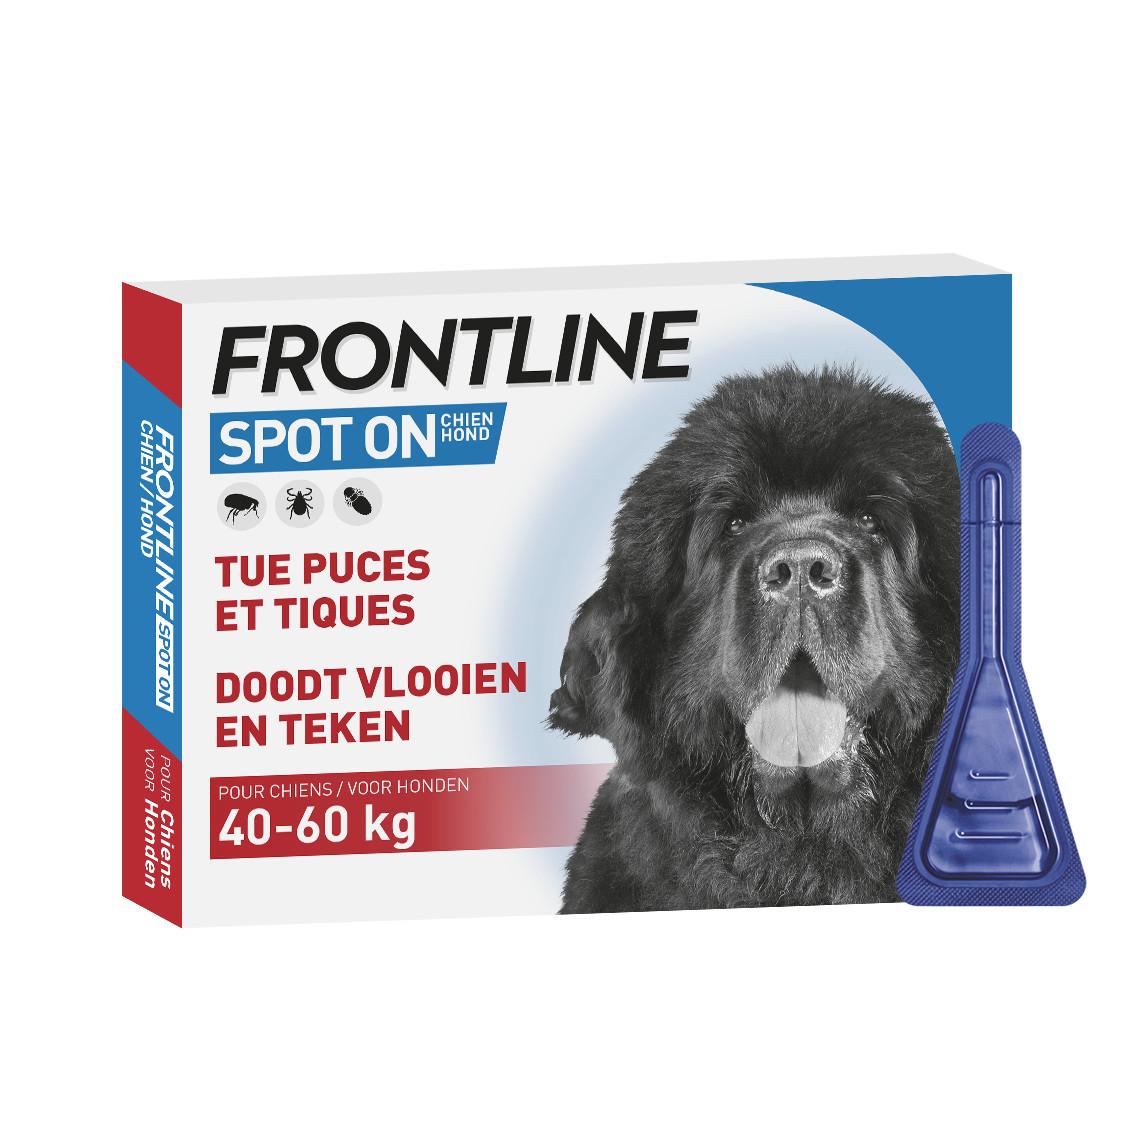 Frontline Spot On hond 40 - 60 kg /  XL